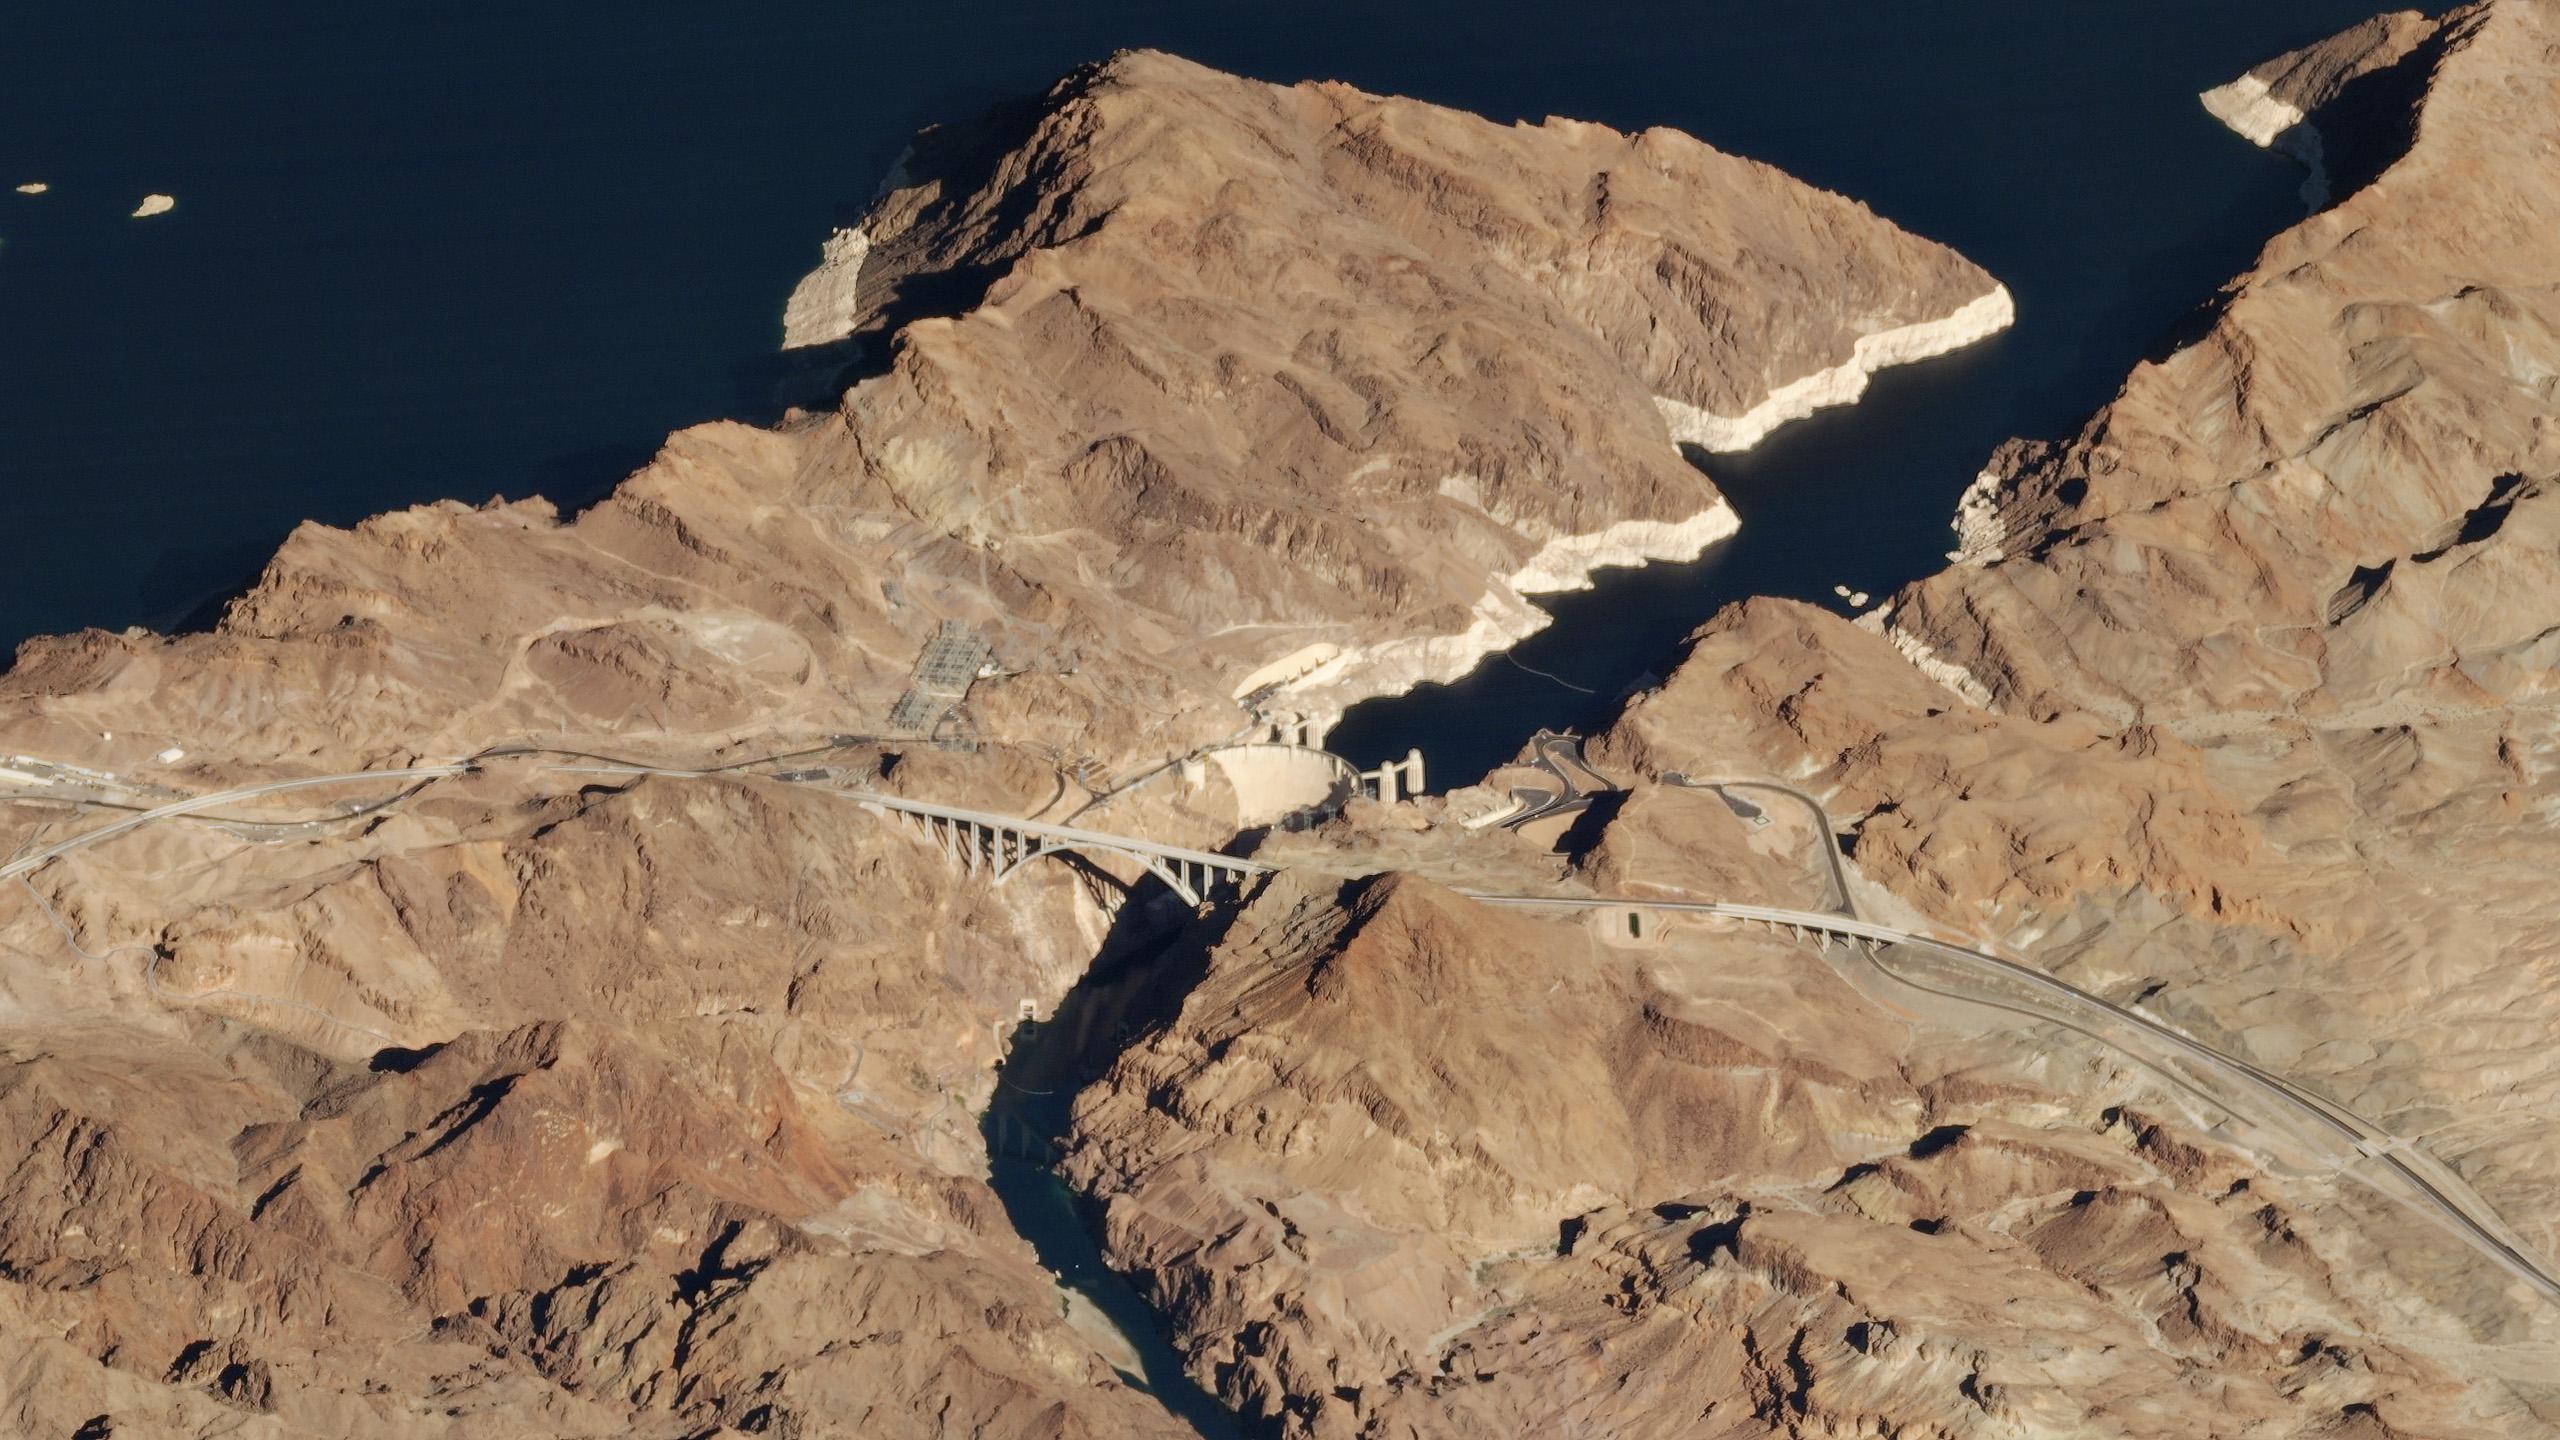 Una vista inclinada de la presa Hoover en Nevada.  © 2018, Planet Labs Inc.  todos los derechos son salvos.